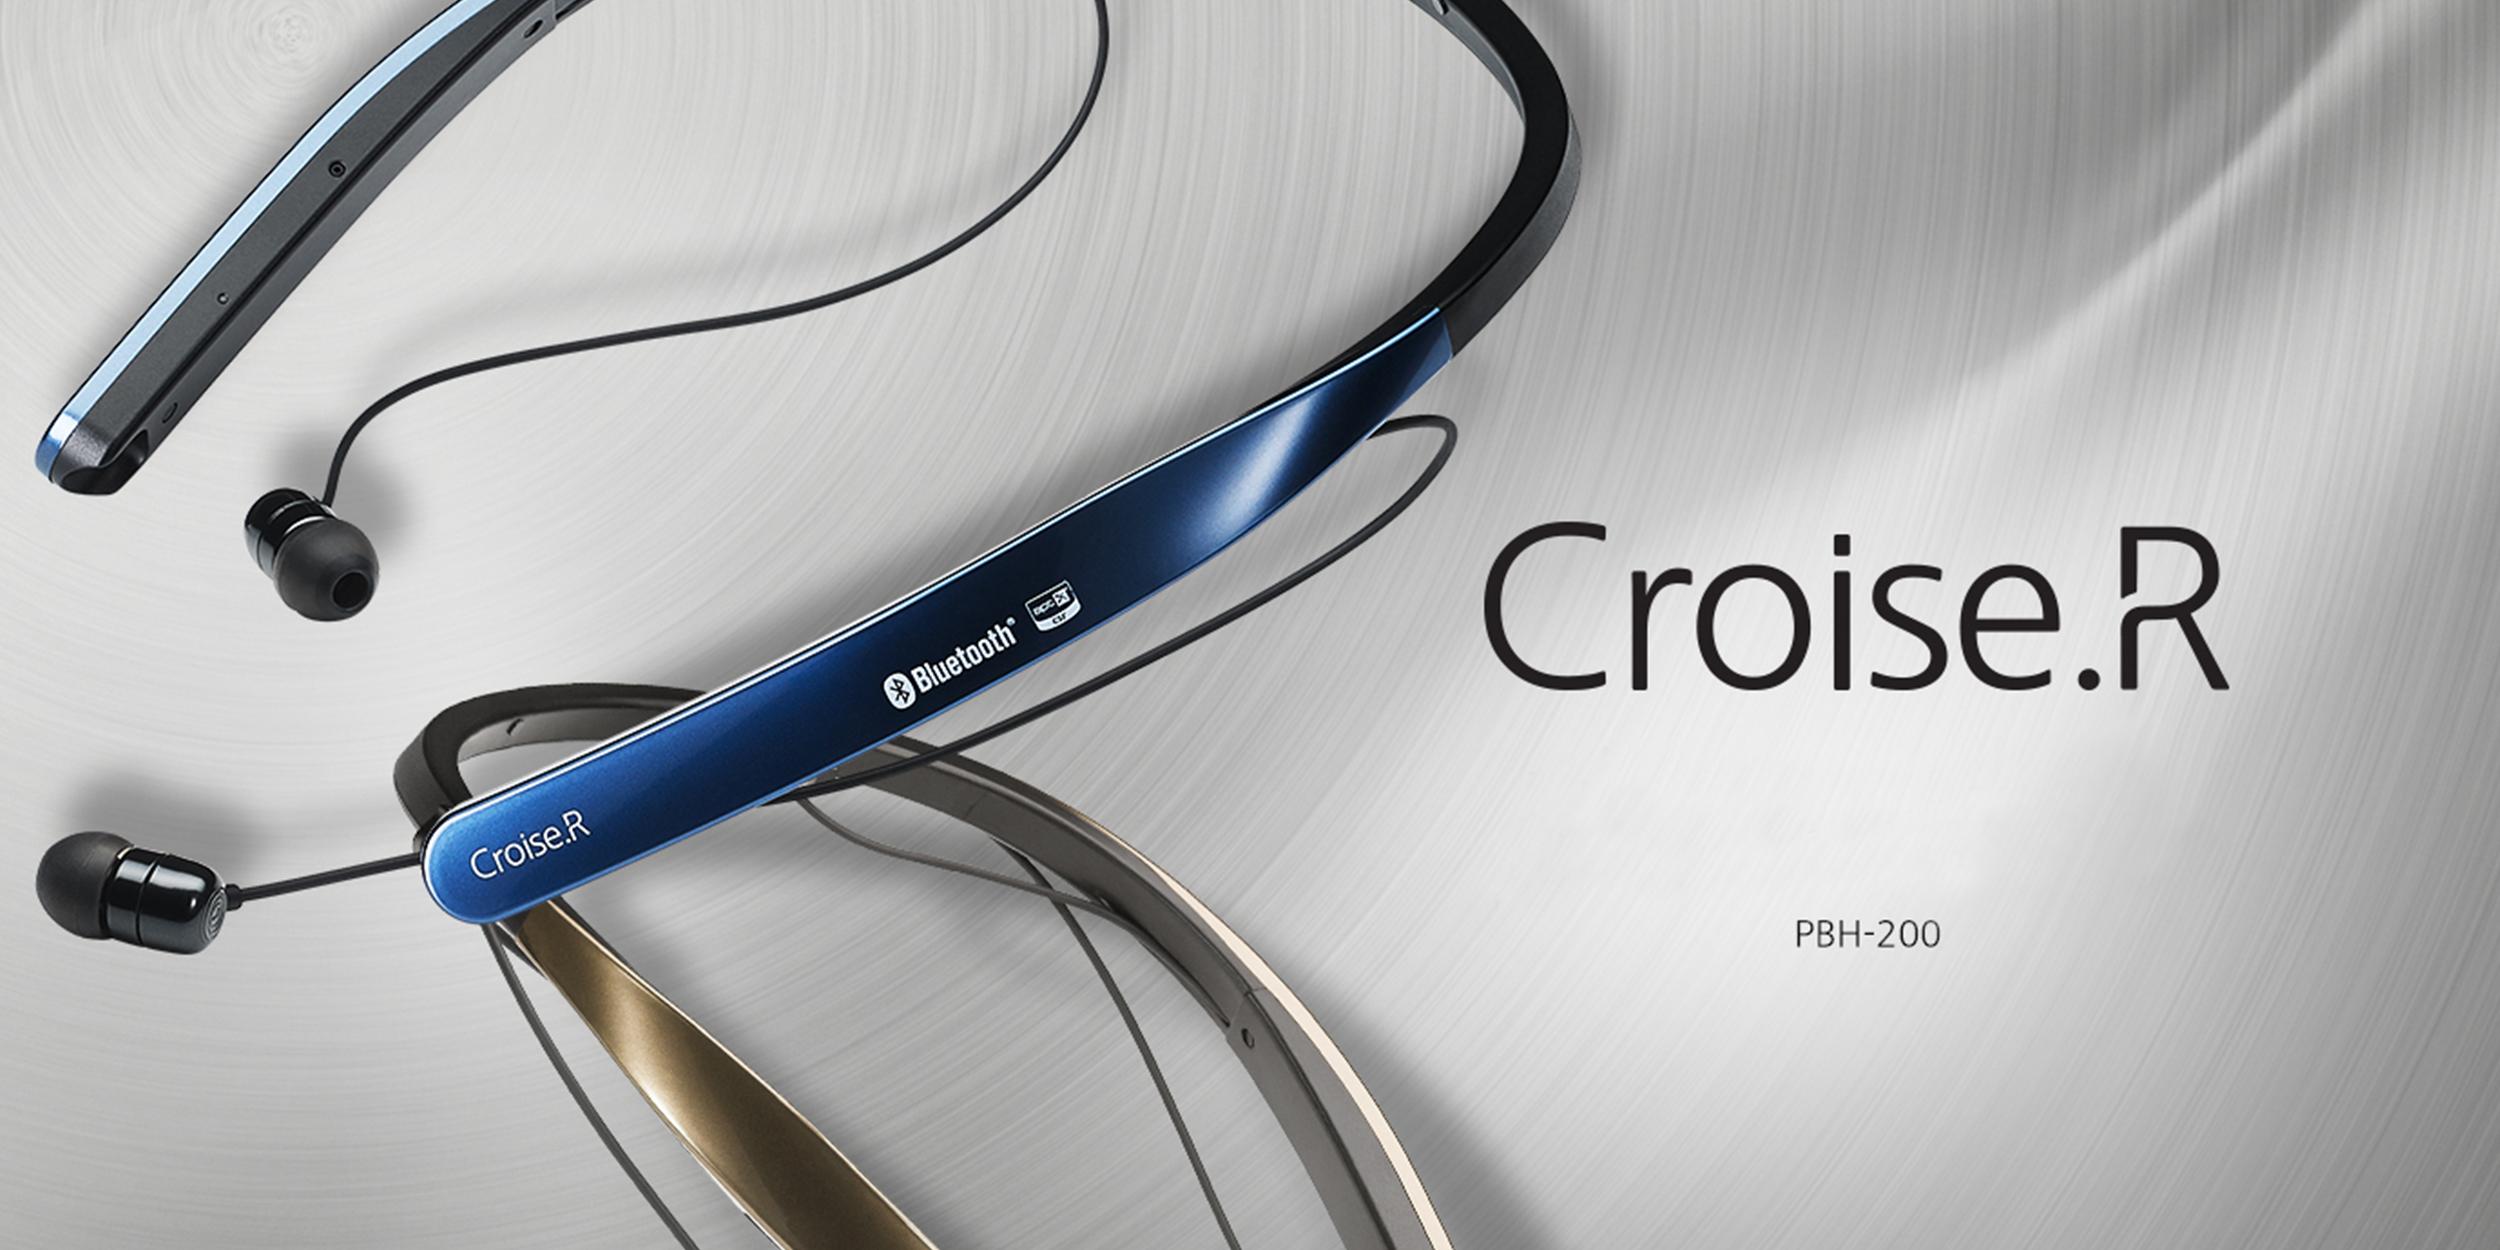 ОБЗОР: Croise.R PBH-200 от Partron — навороченные корейские Bluetooth-наушники с отличным звуком